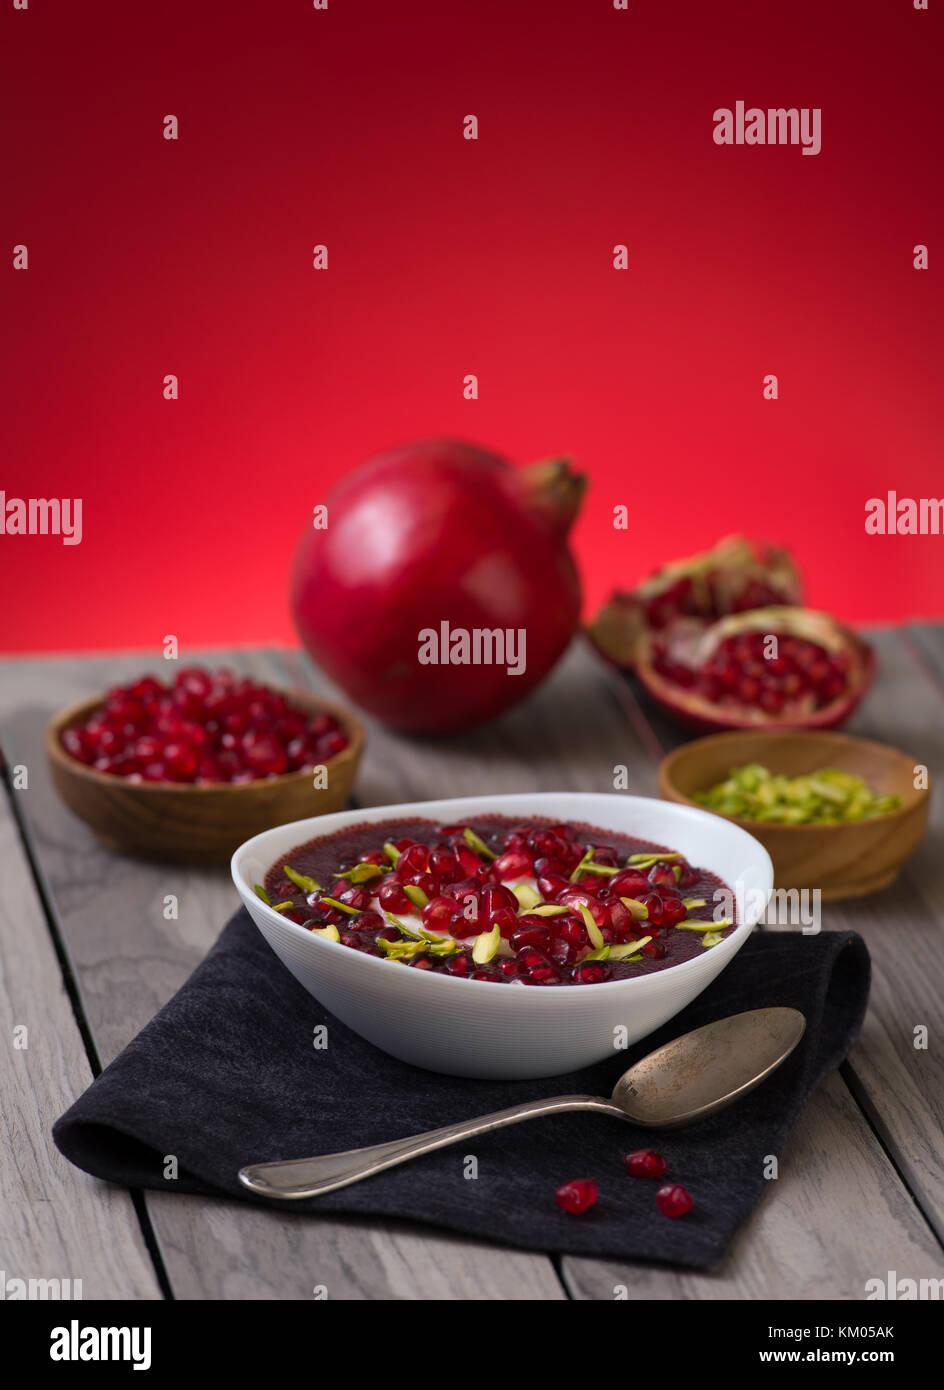 Granatapfel Wüste mit Pistazien, Chia Samen, Tapioka Pudding und Joghurt. gesundes Essen. red kopieren. Stockbild